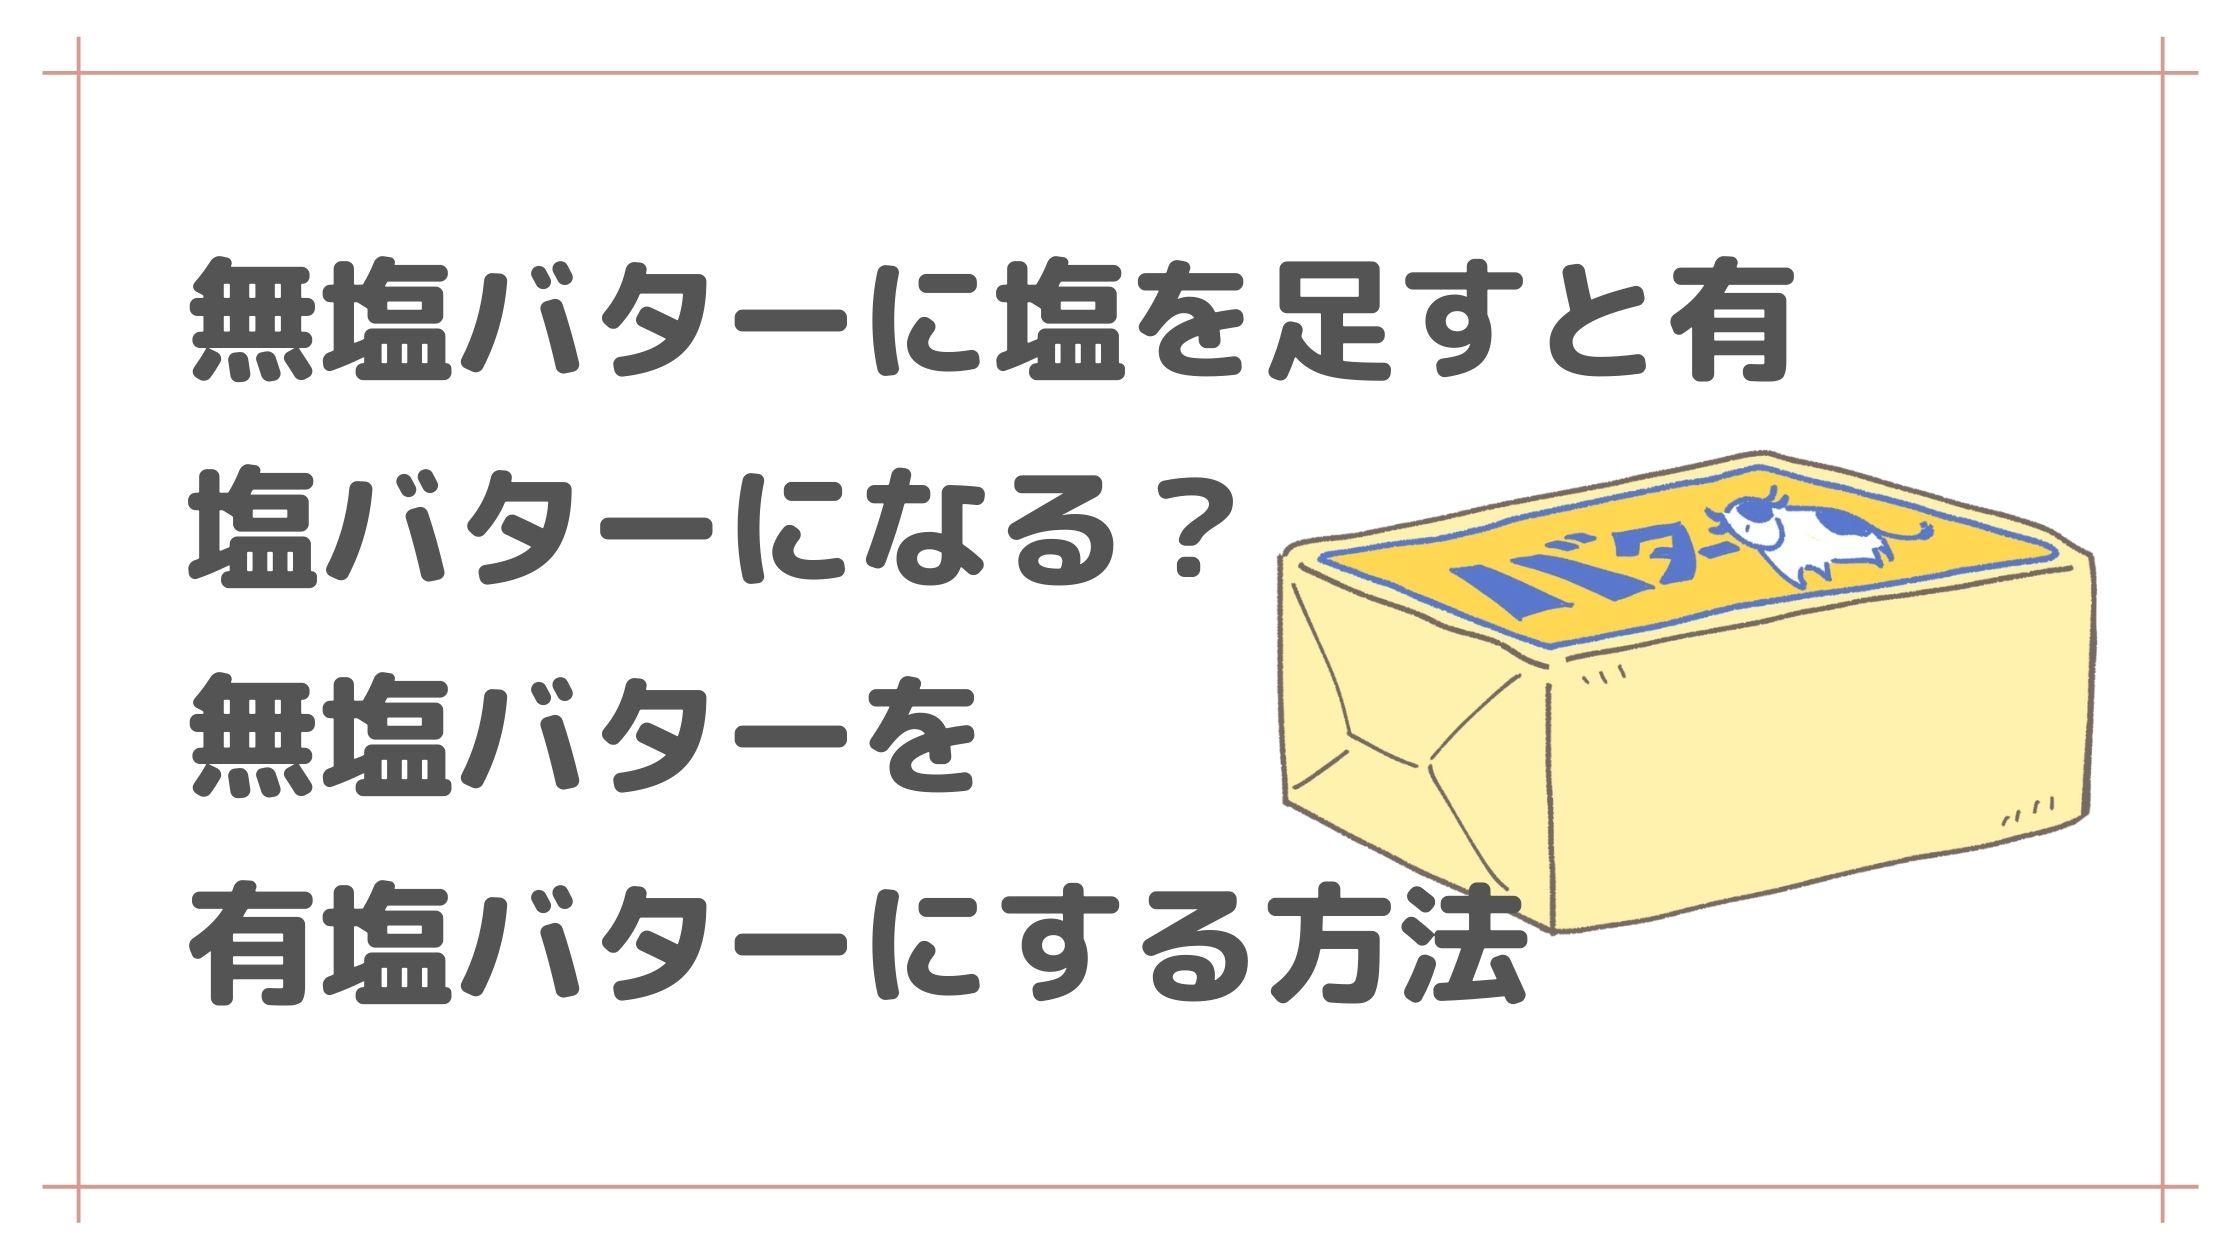 無塩バターに塩を足すと有塩バターになる?無塩バターを有塩バターにする方法